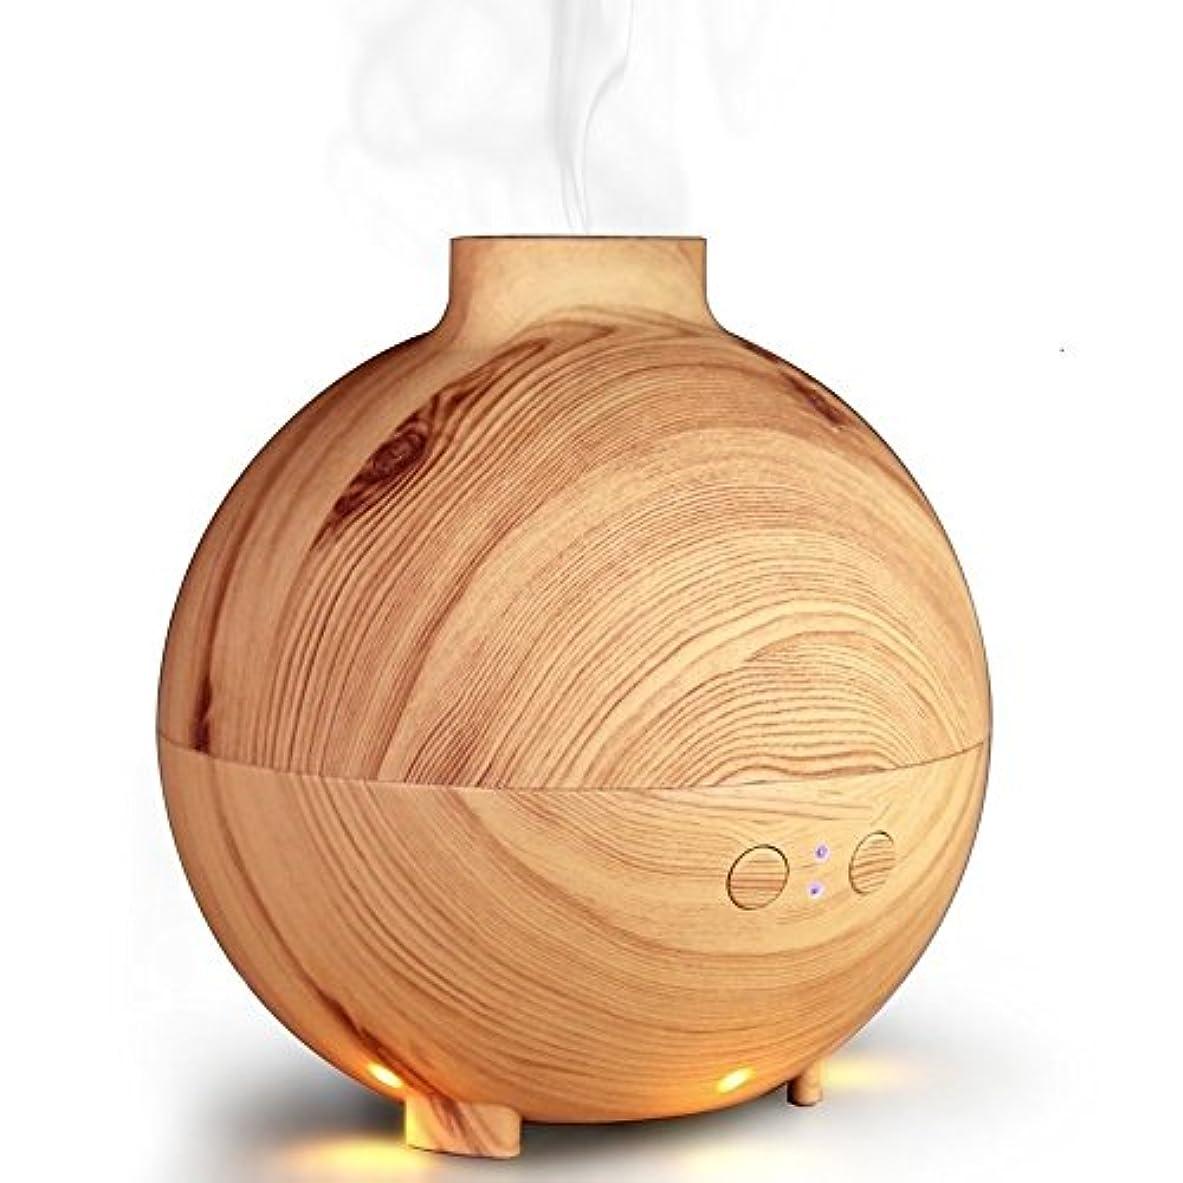 アロマエッセンシャルオイルディフューザー、アロマテラピー加湿器空気清浄機クールミストの香りクールミスト加湿器用家庭、ヨガ、オフィス、スパ,lightwood